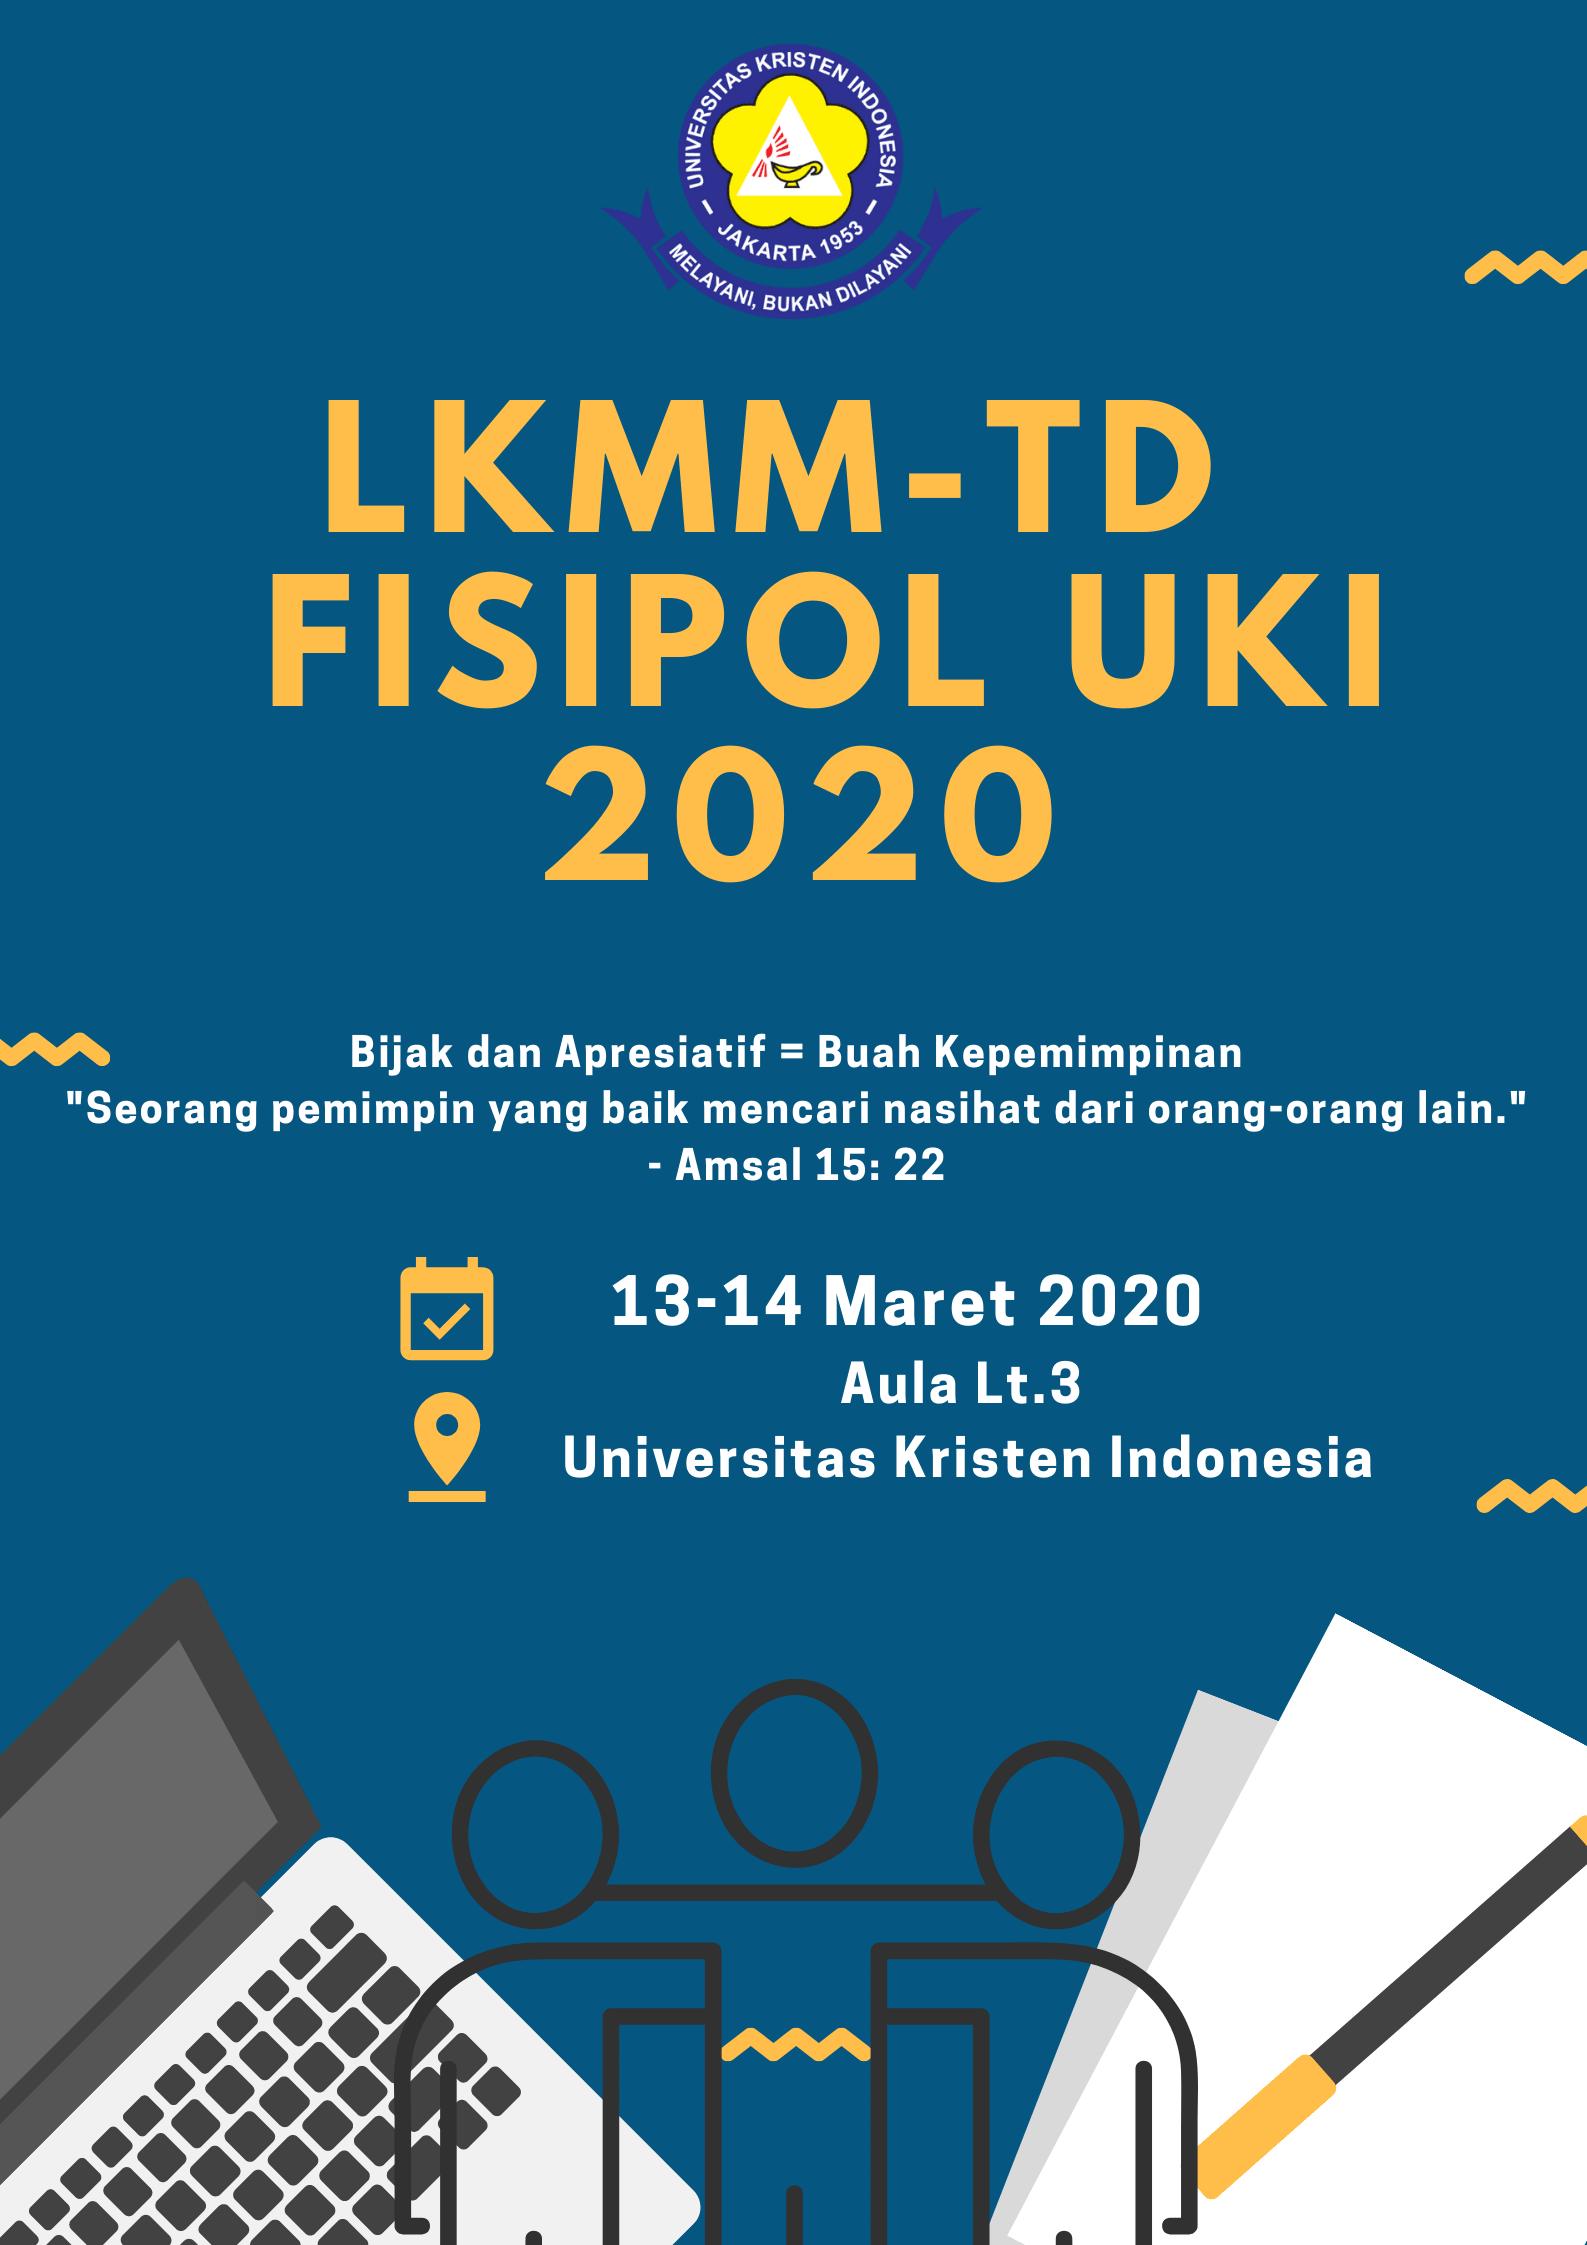 LKMM-TD FISIPOL UKI 2020